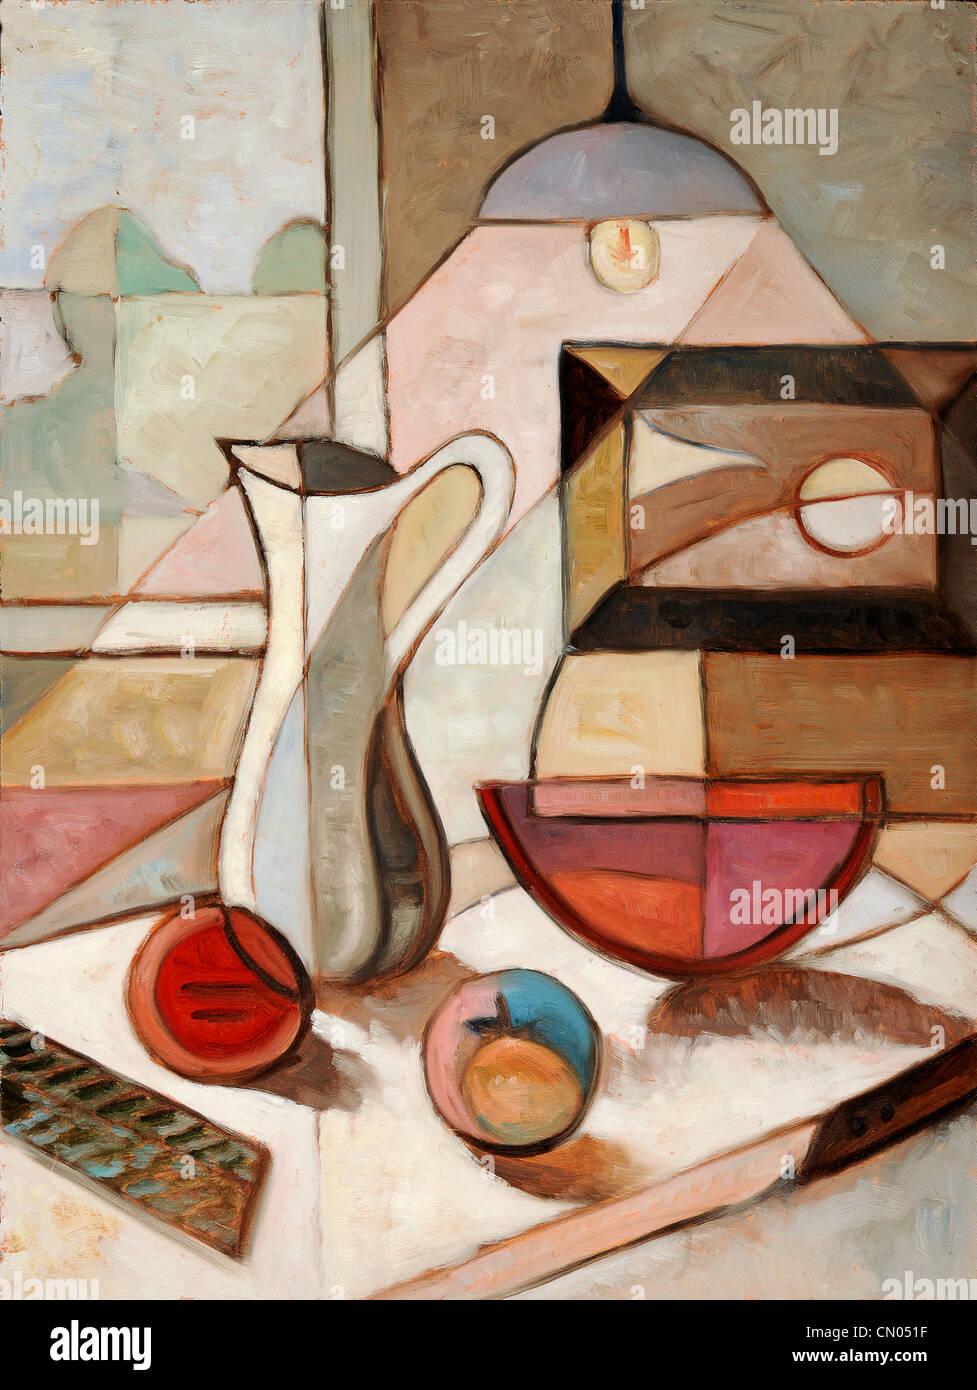 Pintura al óleo abstracto del bodegón con cántaro y frutas Imagen De Stock